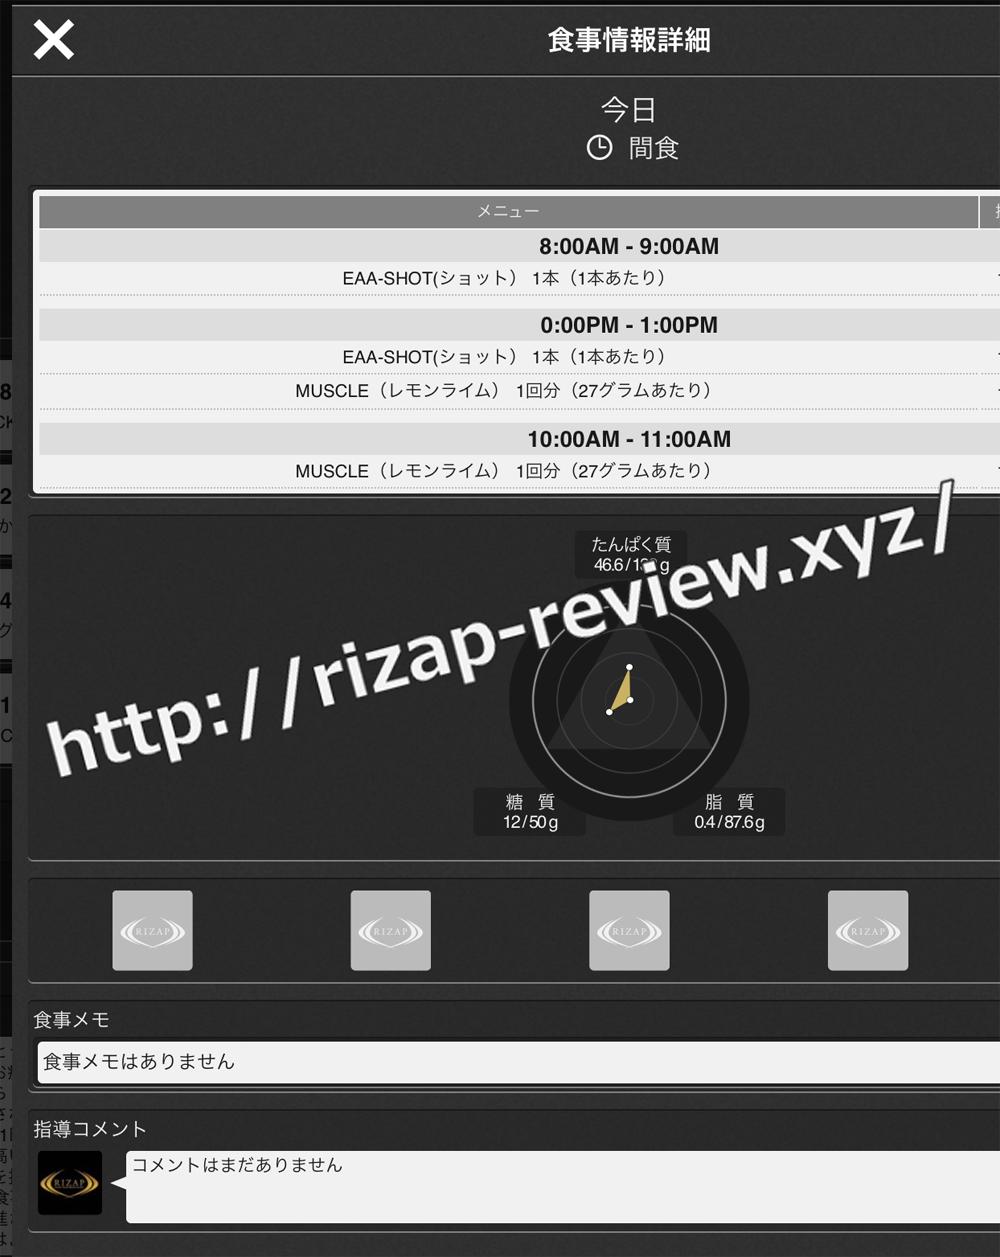 2018.9.21(金)ライザップ流の間食